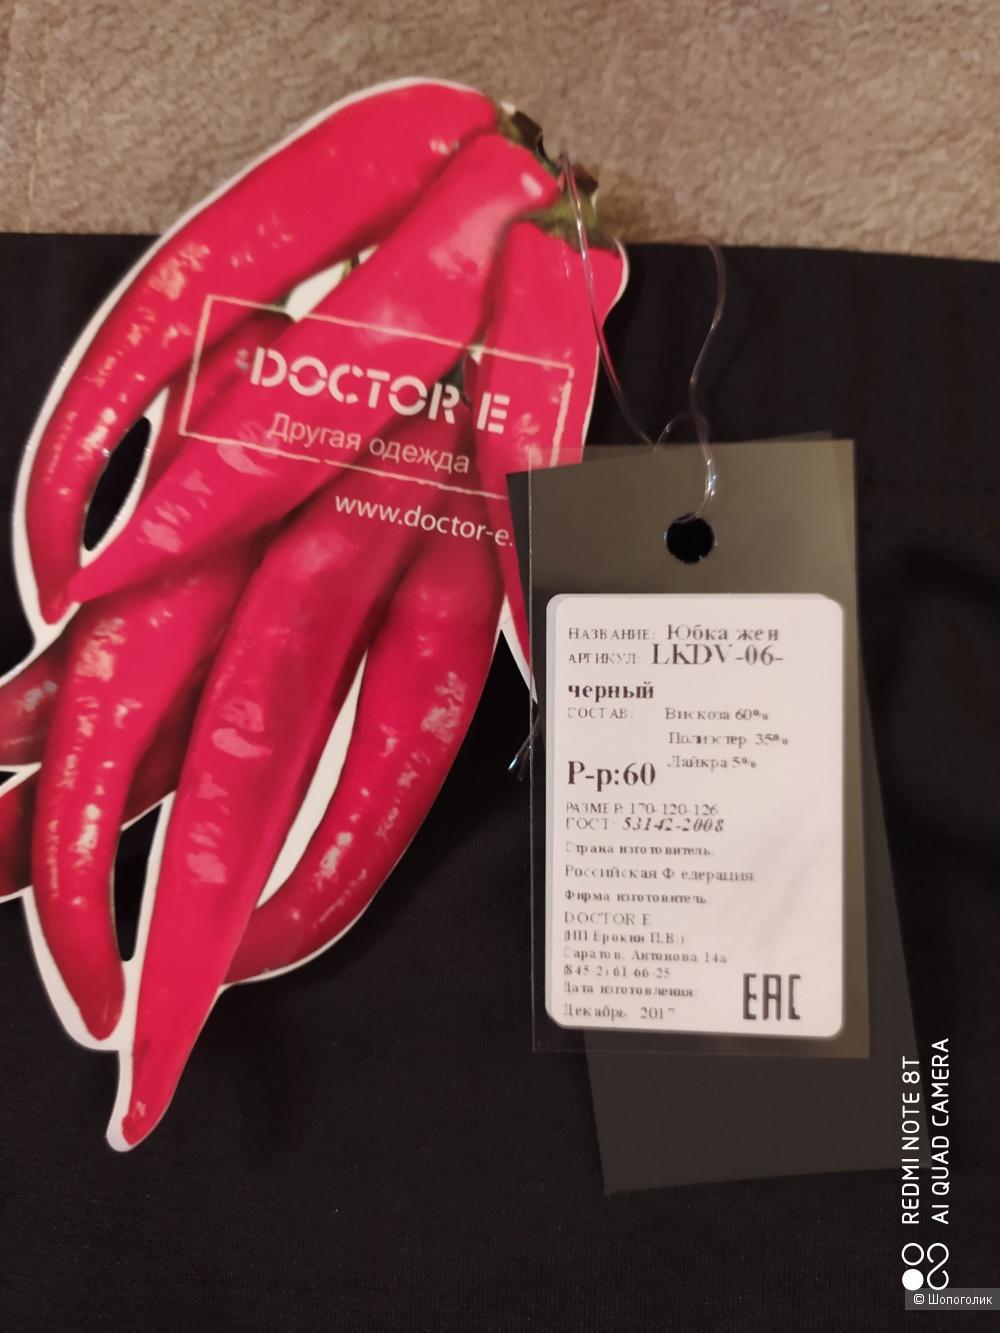 Юбка Doctor E размер 60